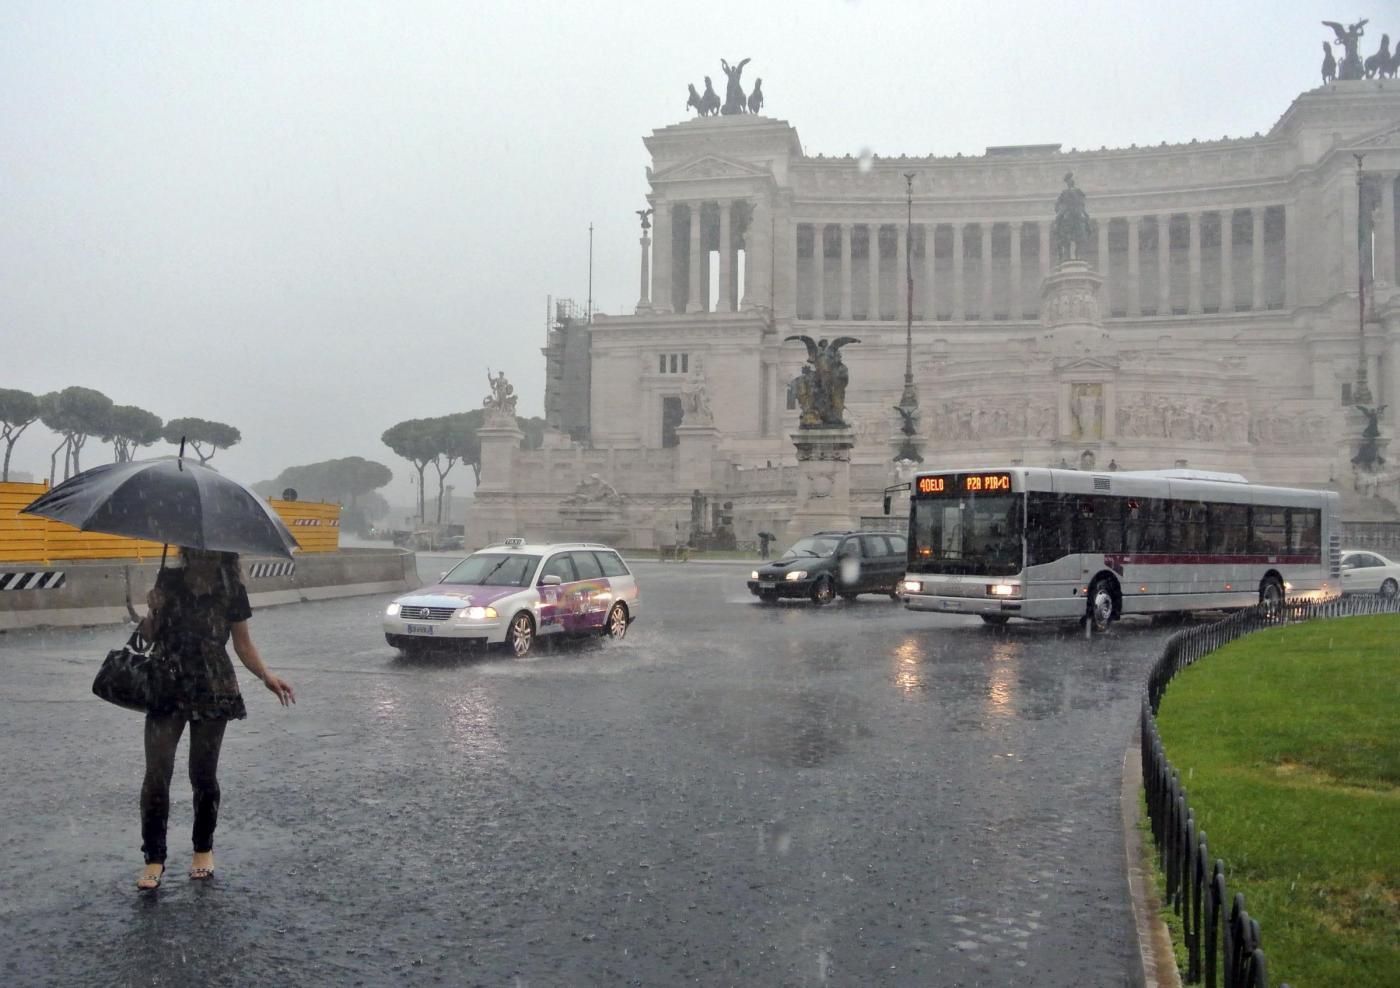 Previsioni meteo Roma: ecco che torna il maltempo sulla capitale